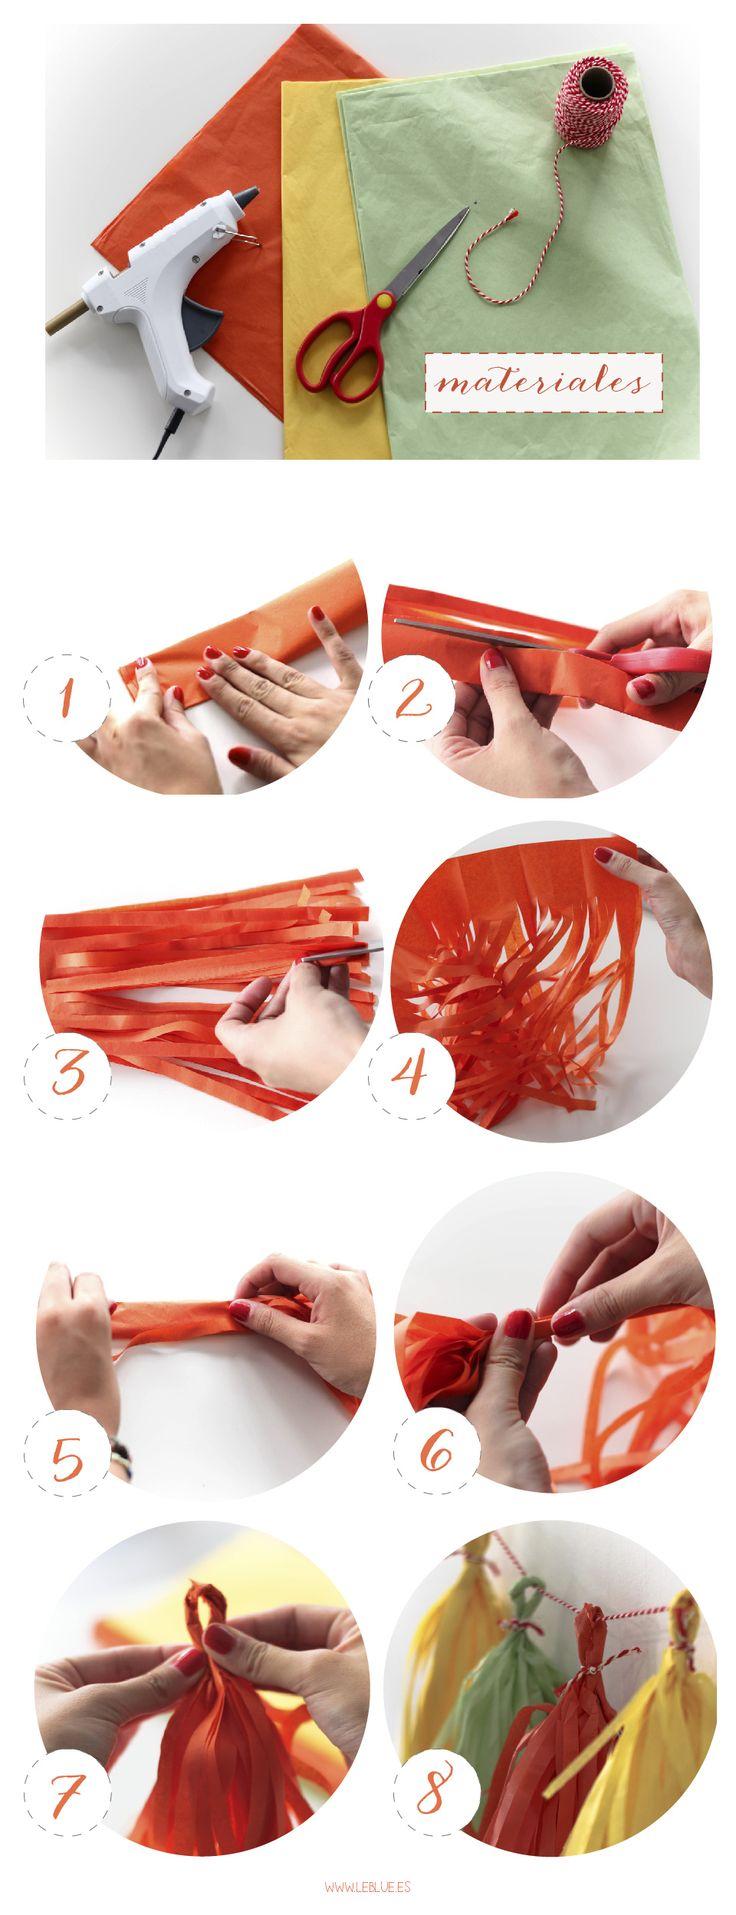 ¿Cómo hacer guirnaldas de papel de seda? - LeBlue